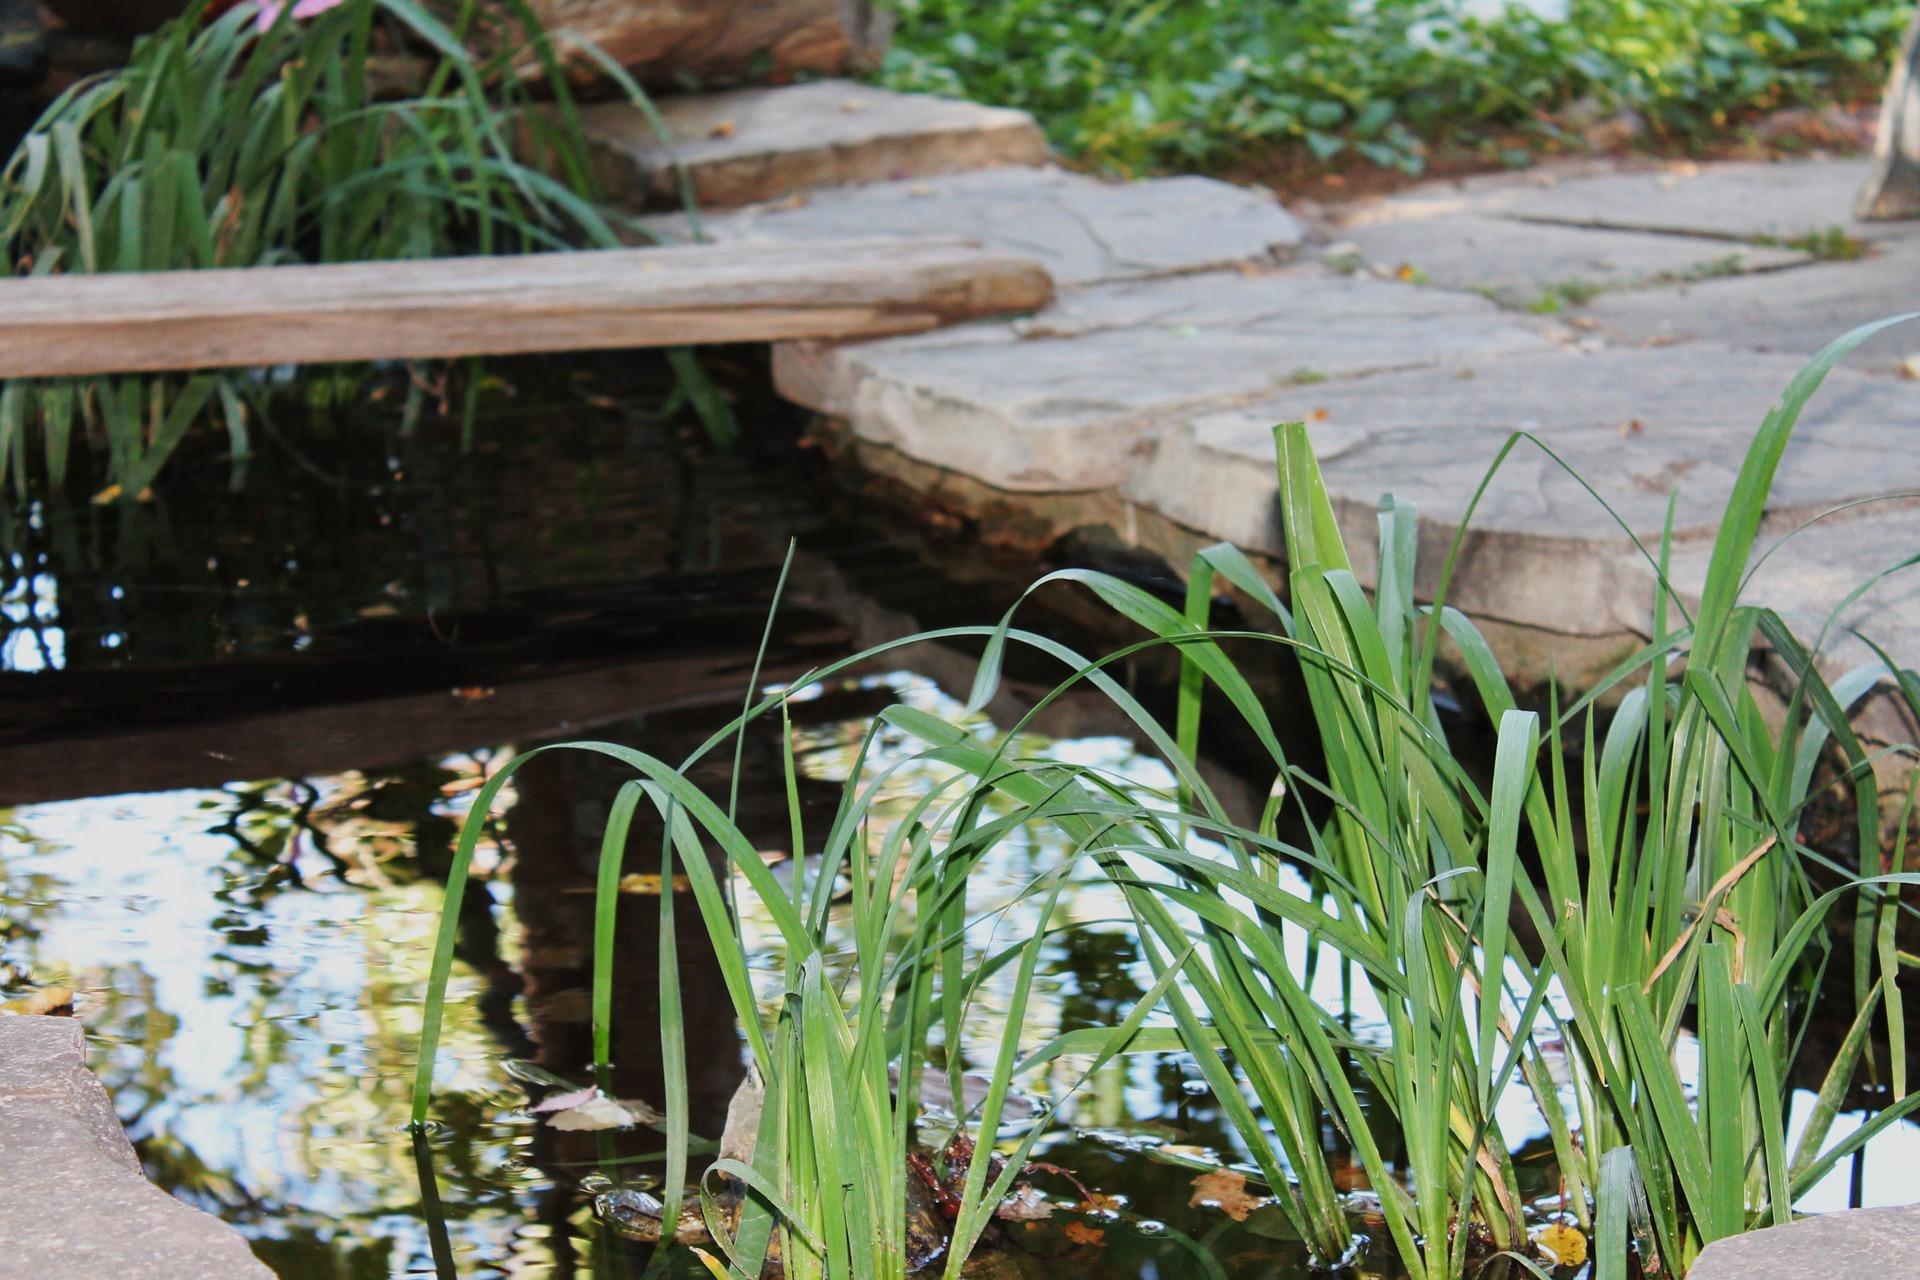 garden-pond-1045473_1920